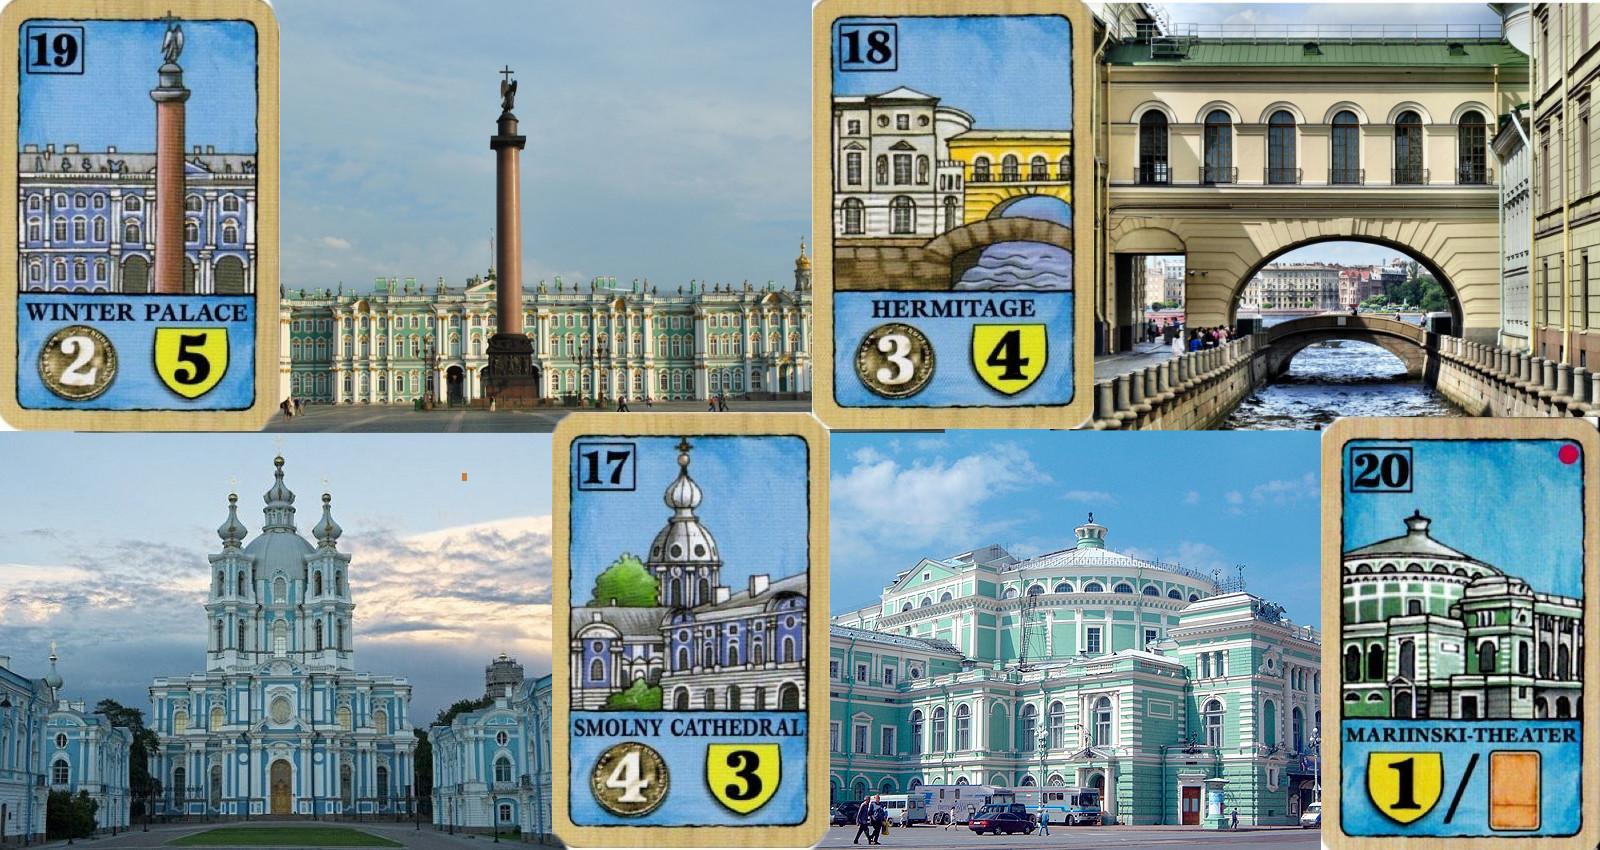 Palacio de Invierno - Hermitage - Convento Smolny - Teatro Mariinski